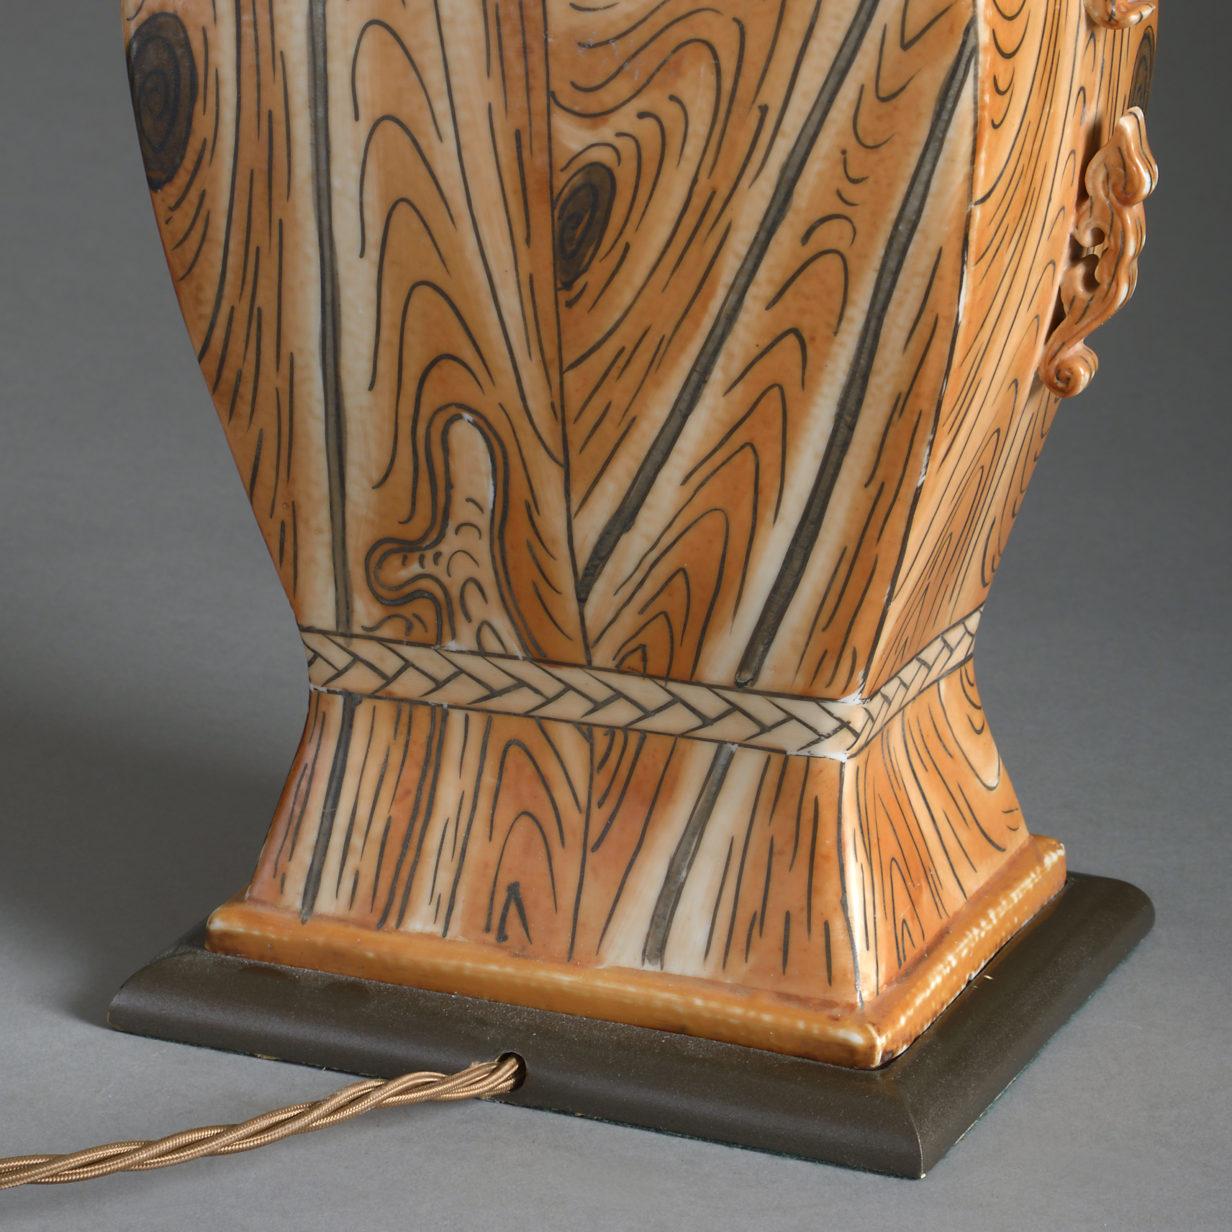 Faux Bois Pottery Lamp